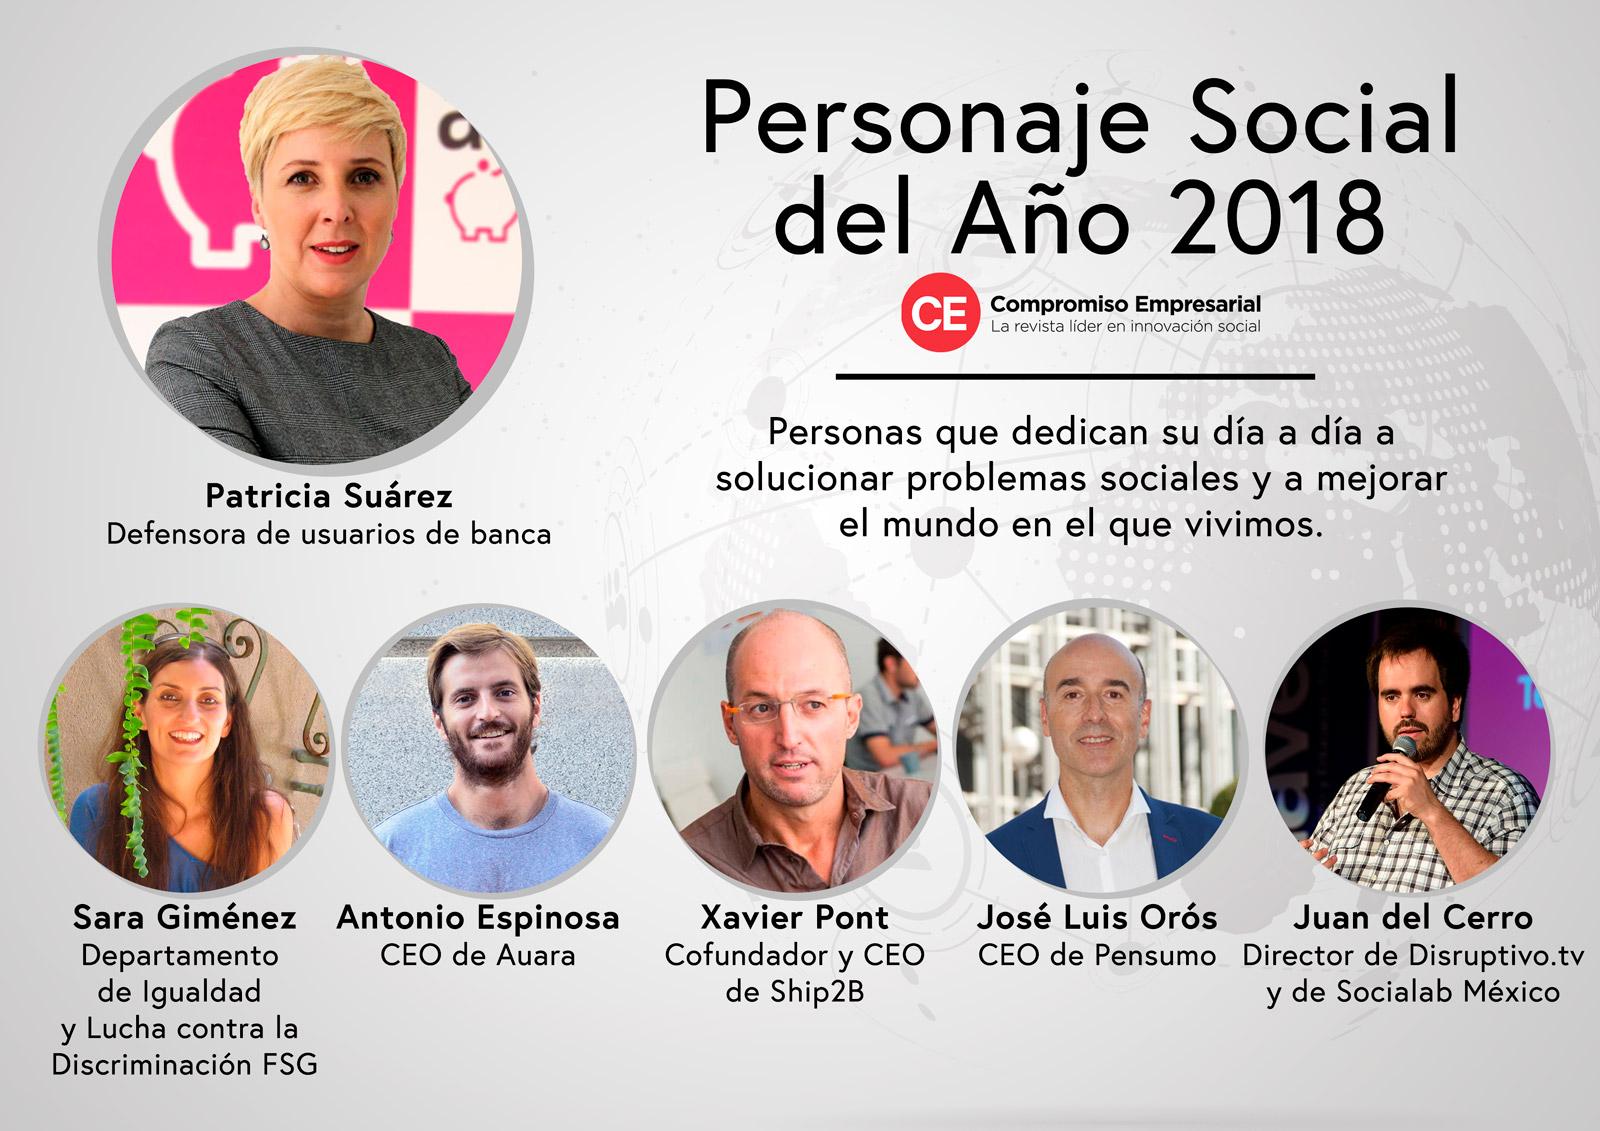 José Luis Orós, CEO de Pensumo, finalista de los Premios 'Personaje Social del Año 2018' de 'Compromiso Empresarial'